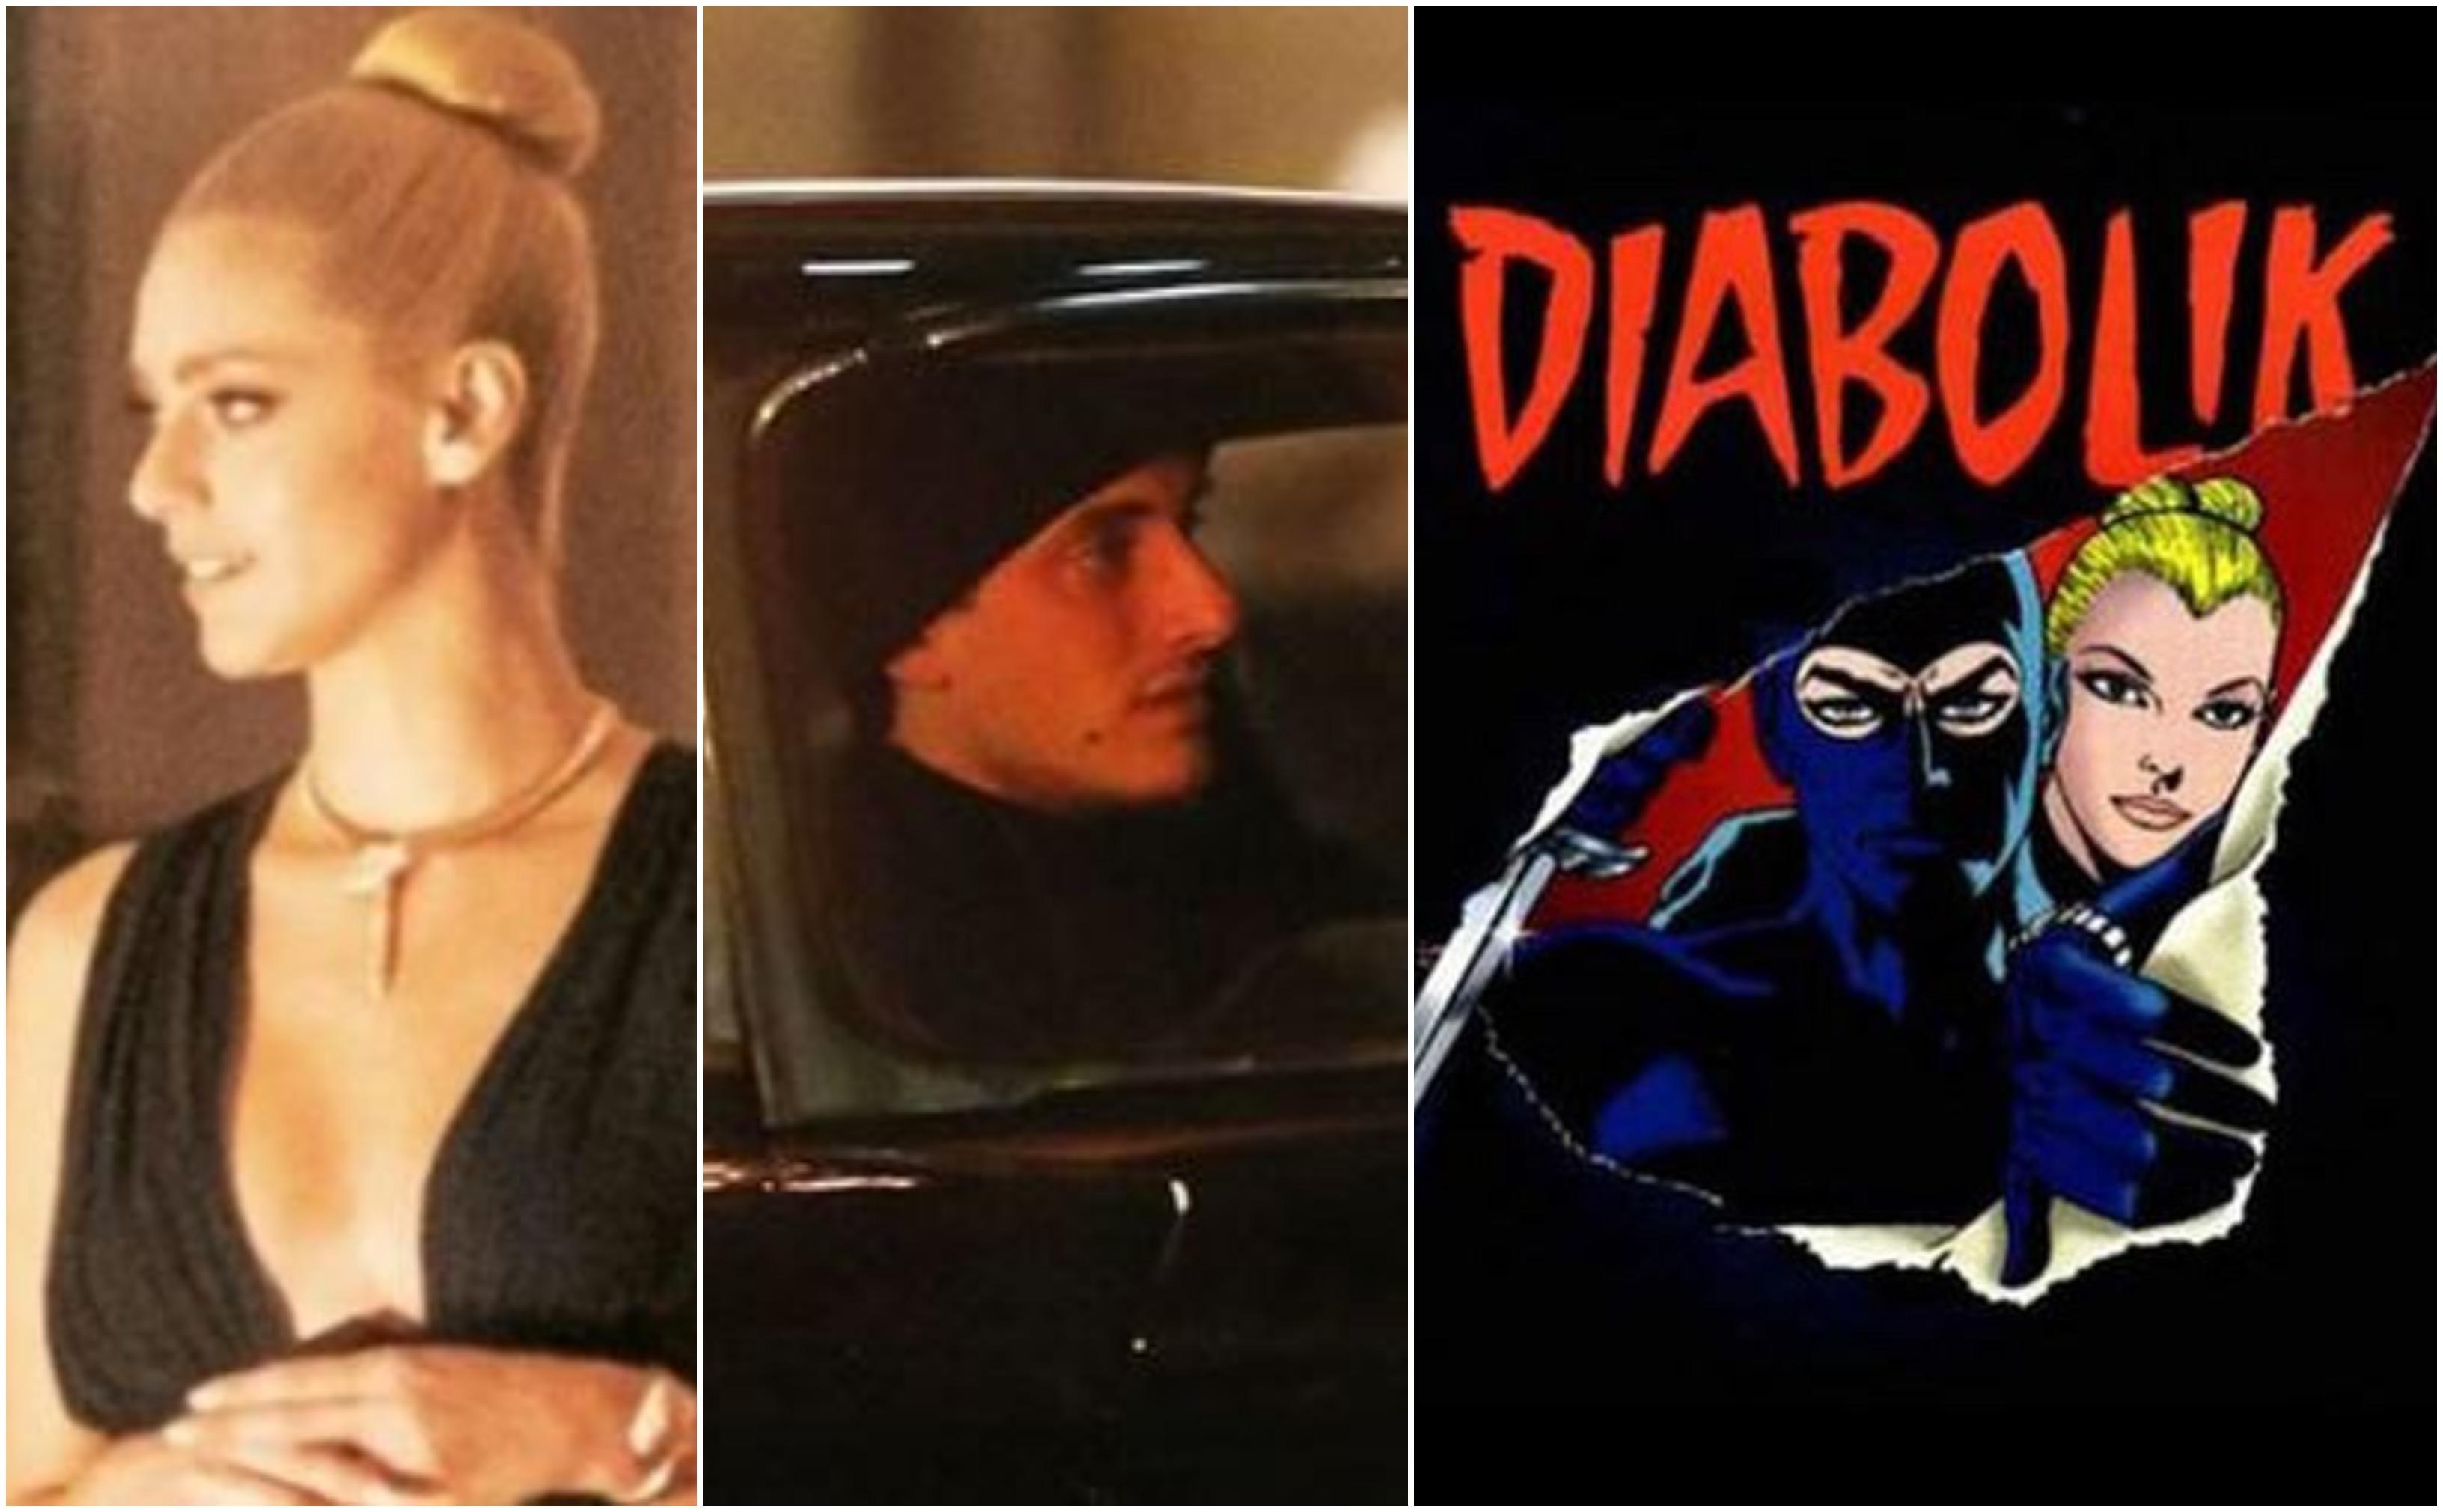 Diabolik il film, le prime immagini dal set